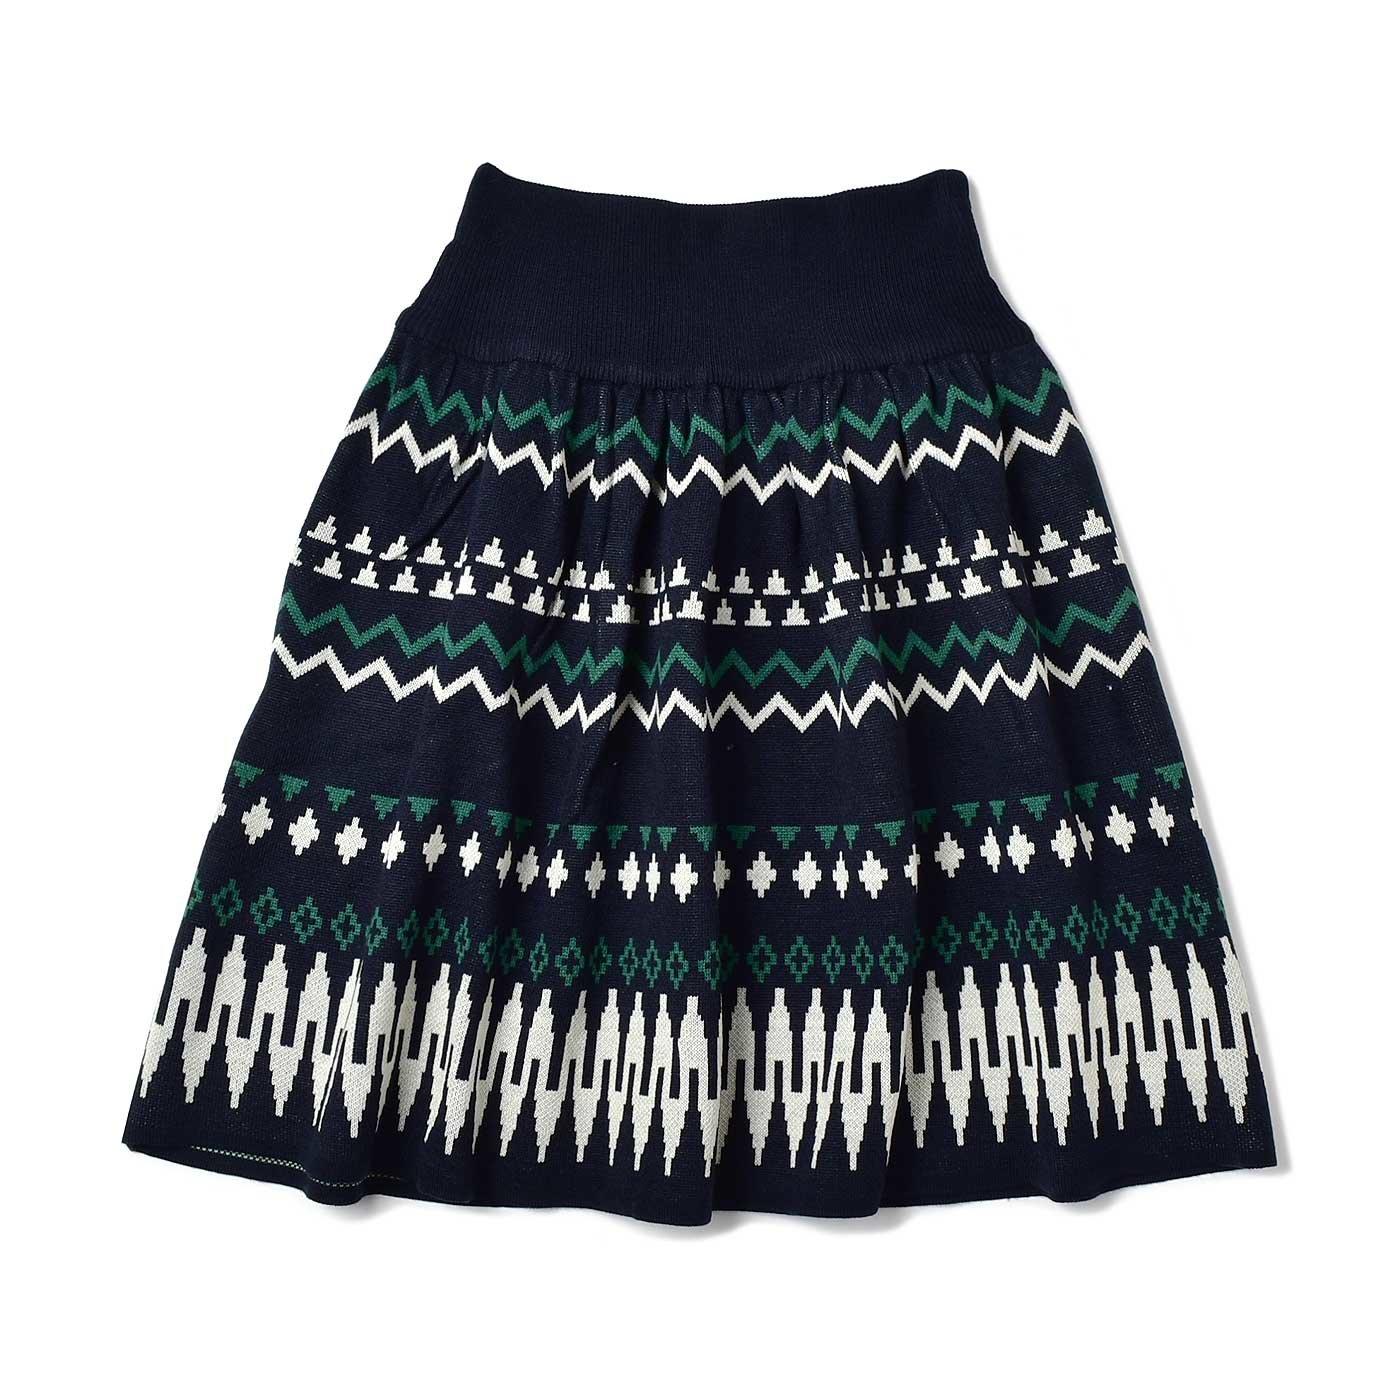 IEDIT[イディット] ジャカード柄のウエストリブニットスカート〈ネイビー×ホワイト〉